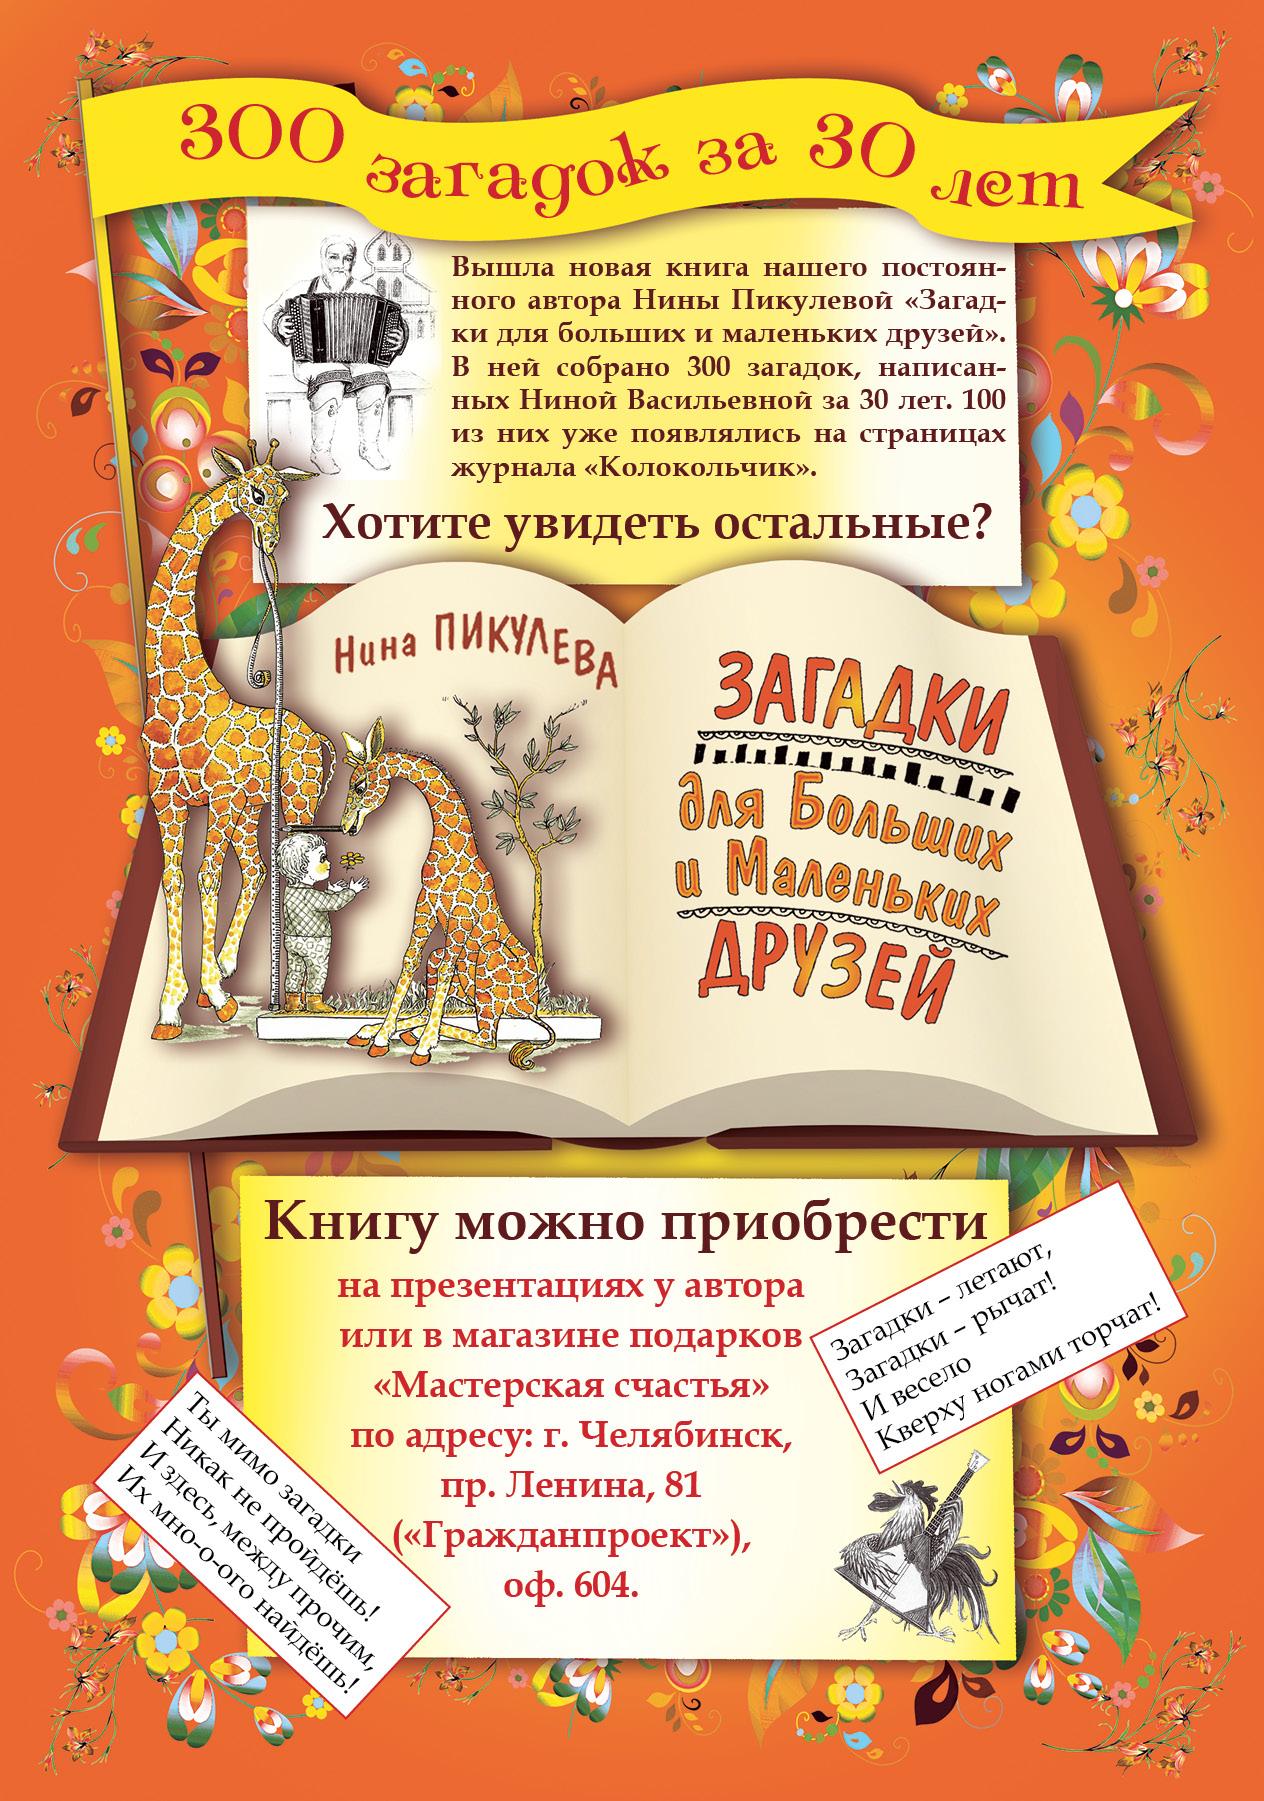 1_oblozhka_s_rekl_kn_var_ostapa_avg15.jpg (829.82 Kb)